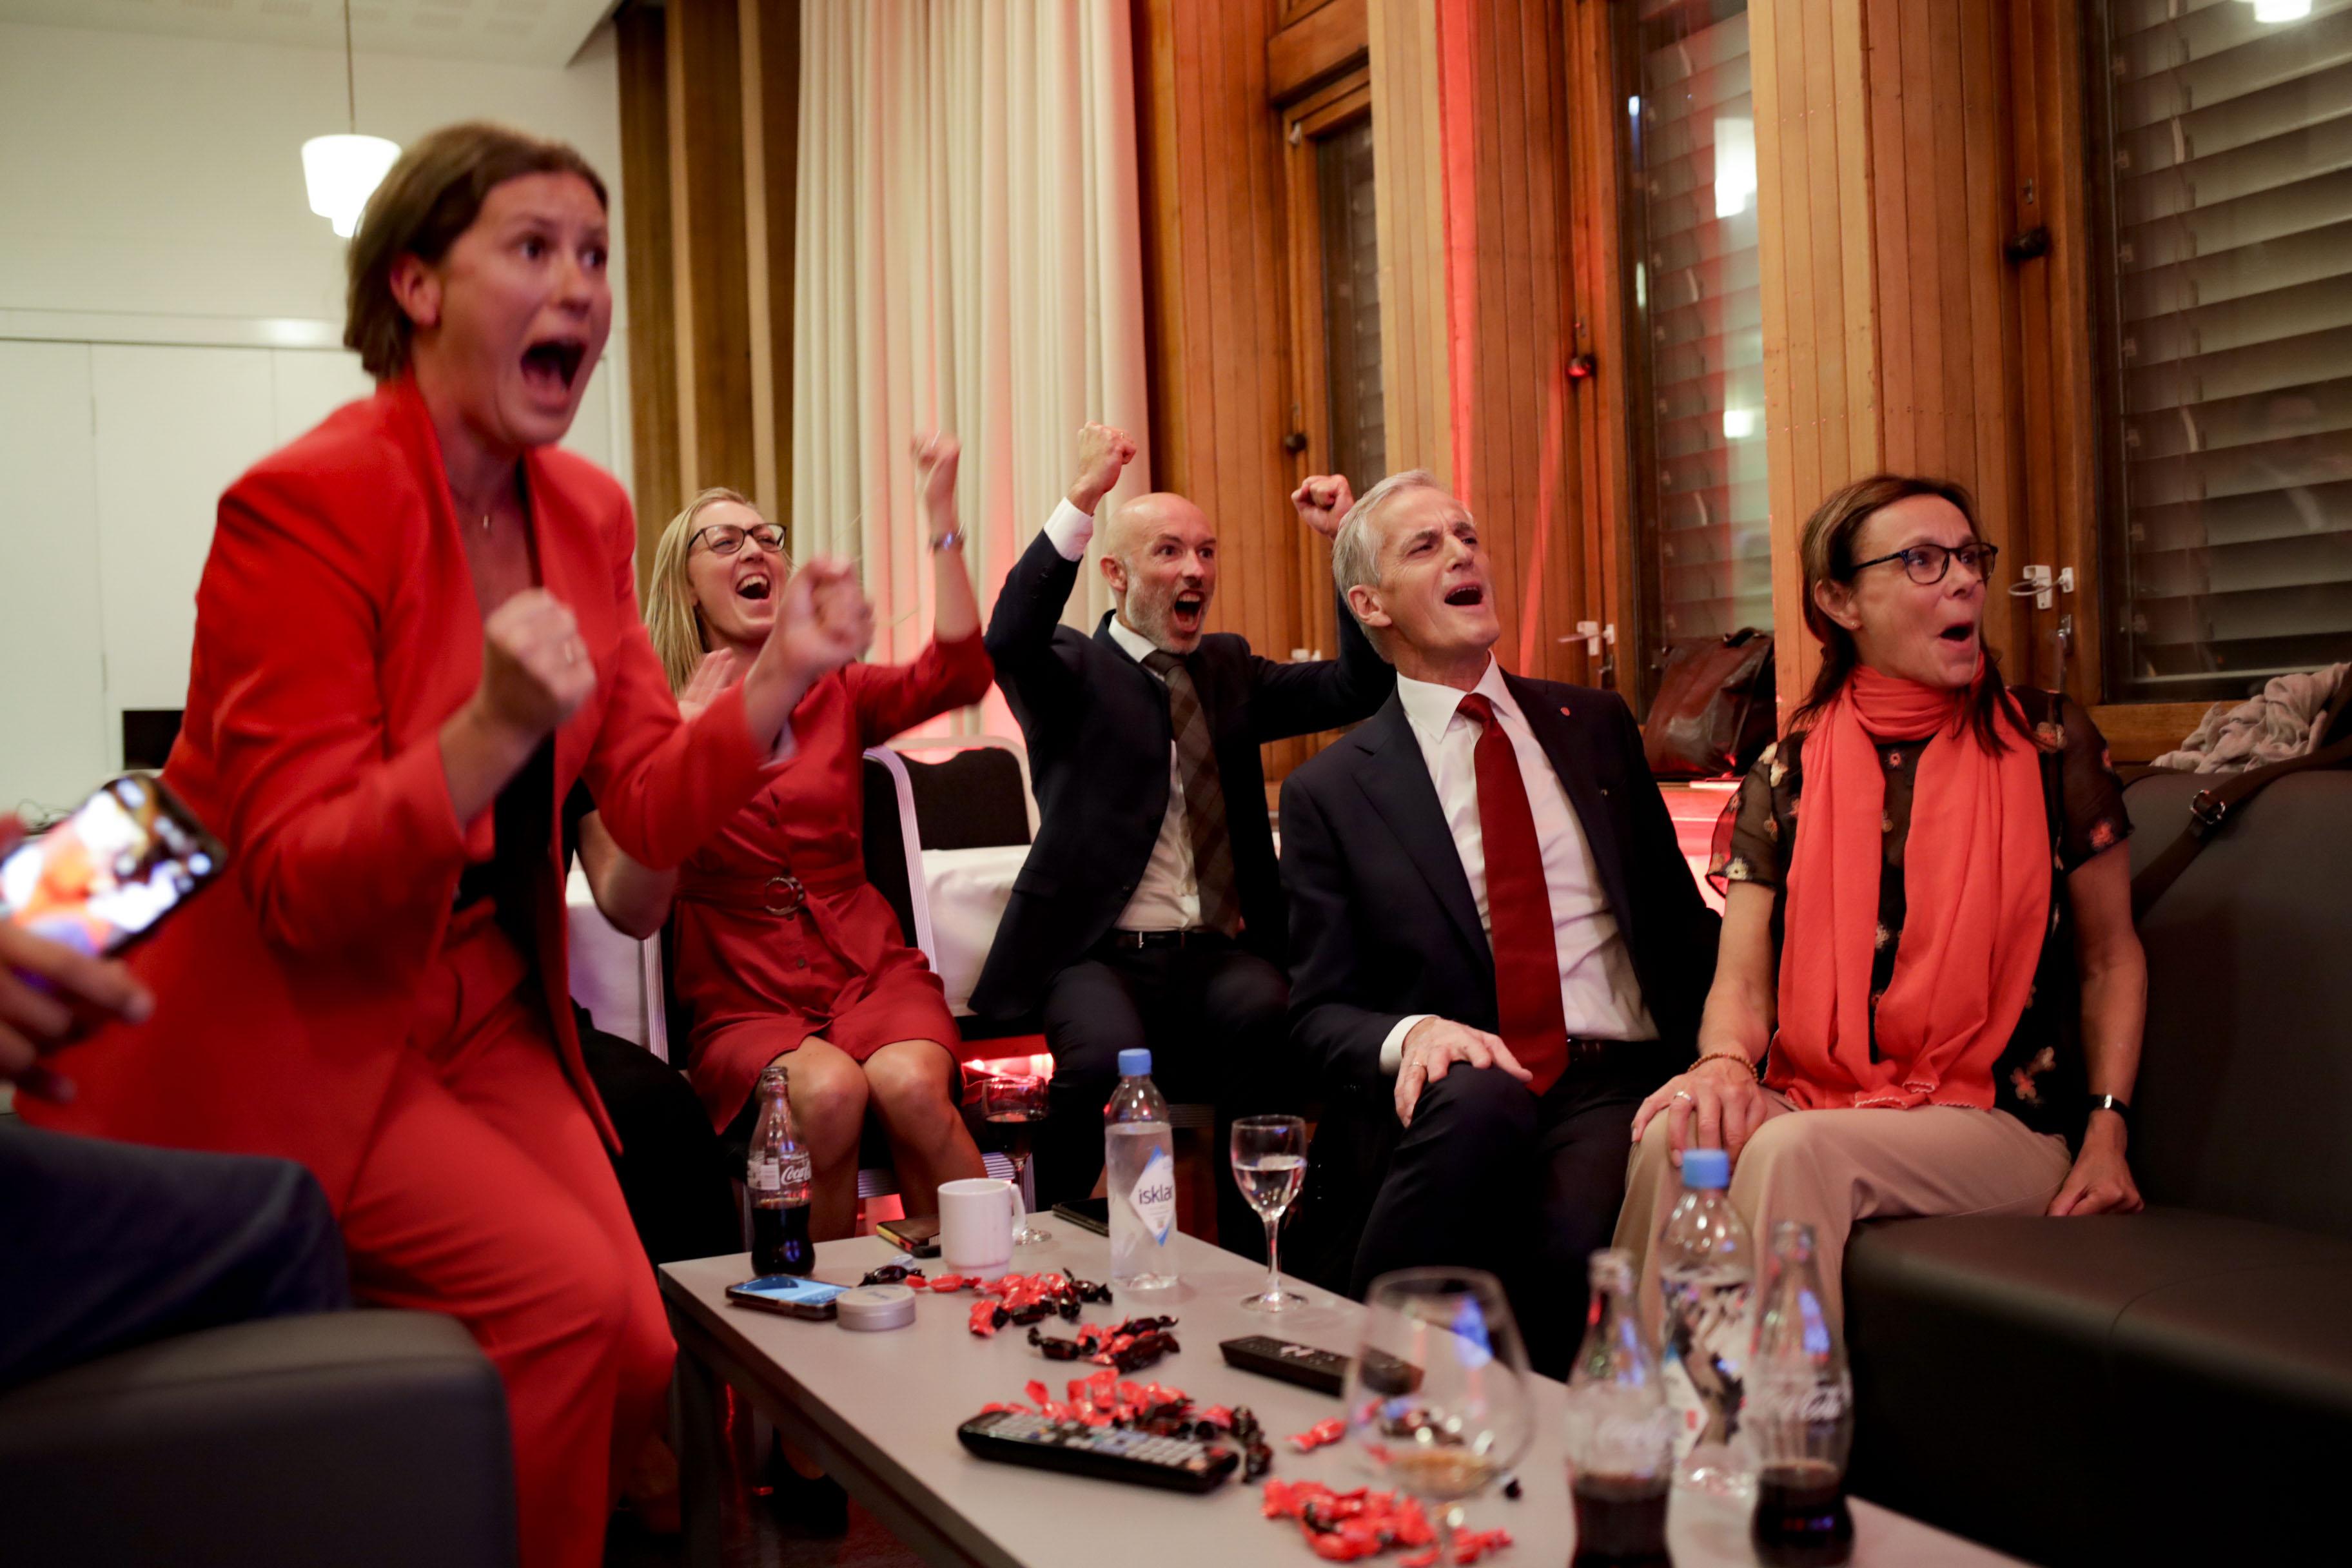 La socialdemocracia se afianza en su viejo bastión del norte de Europa